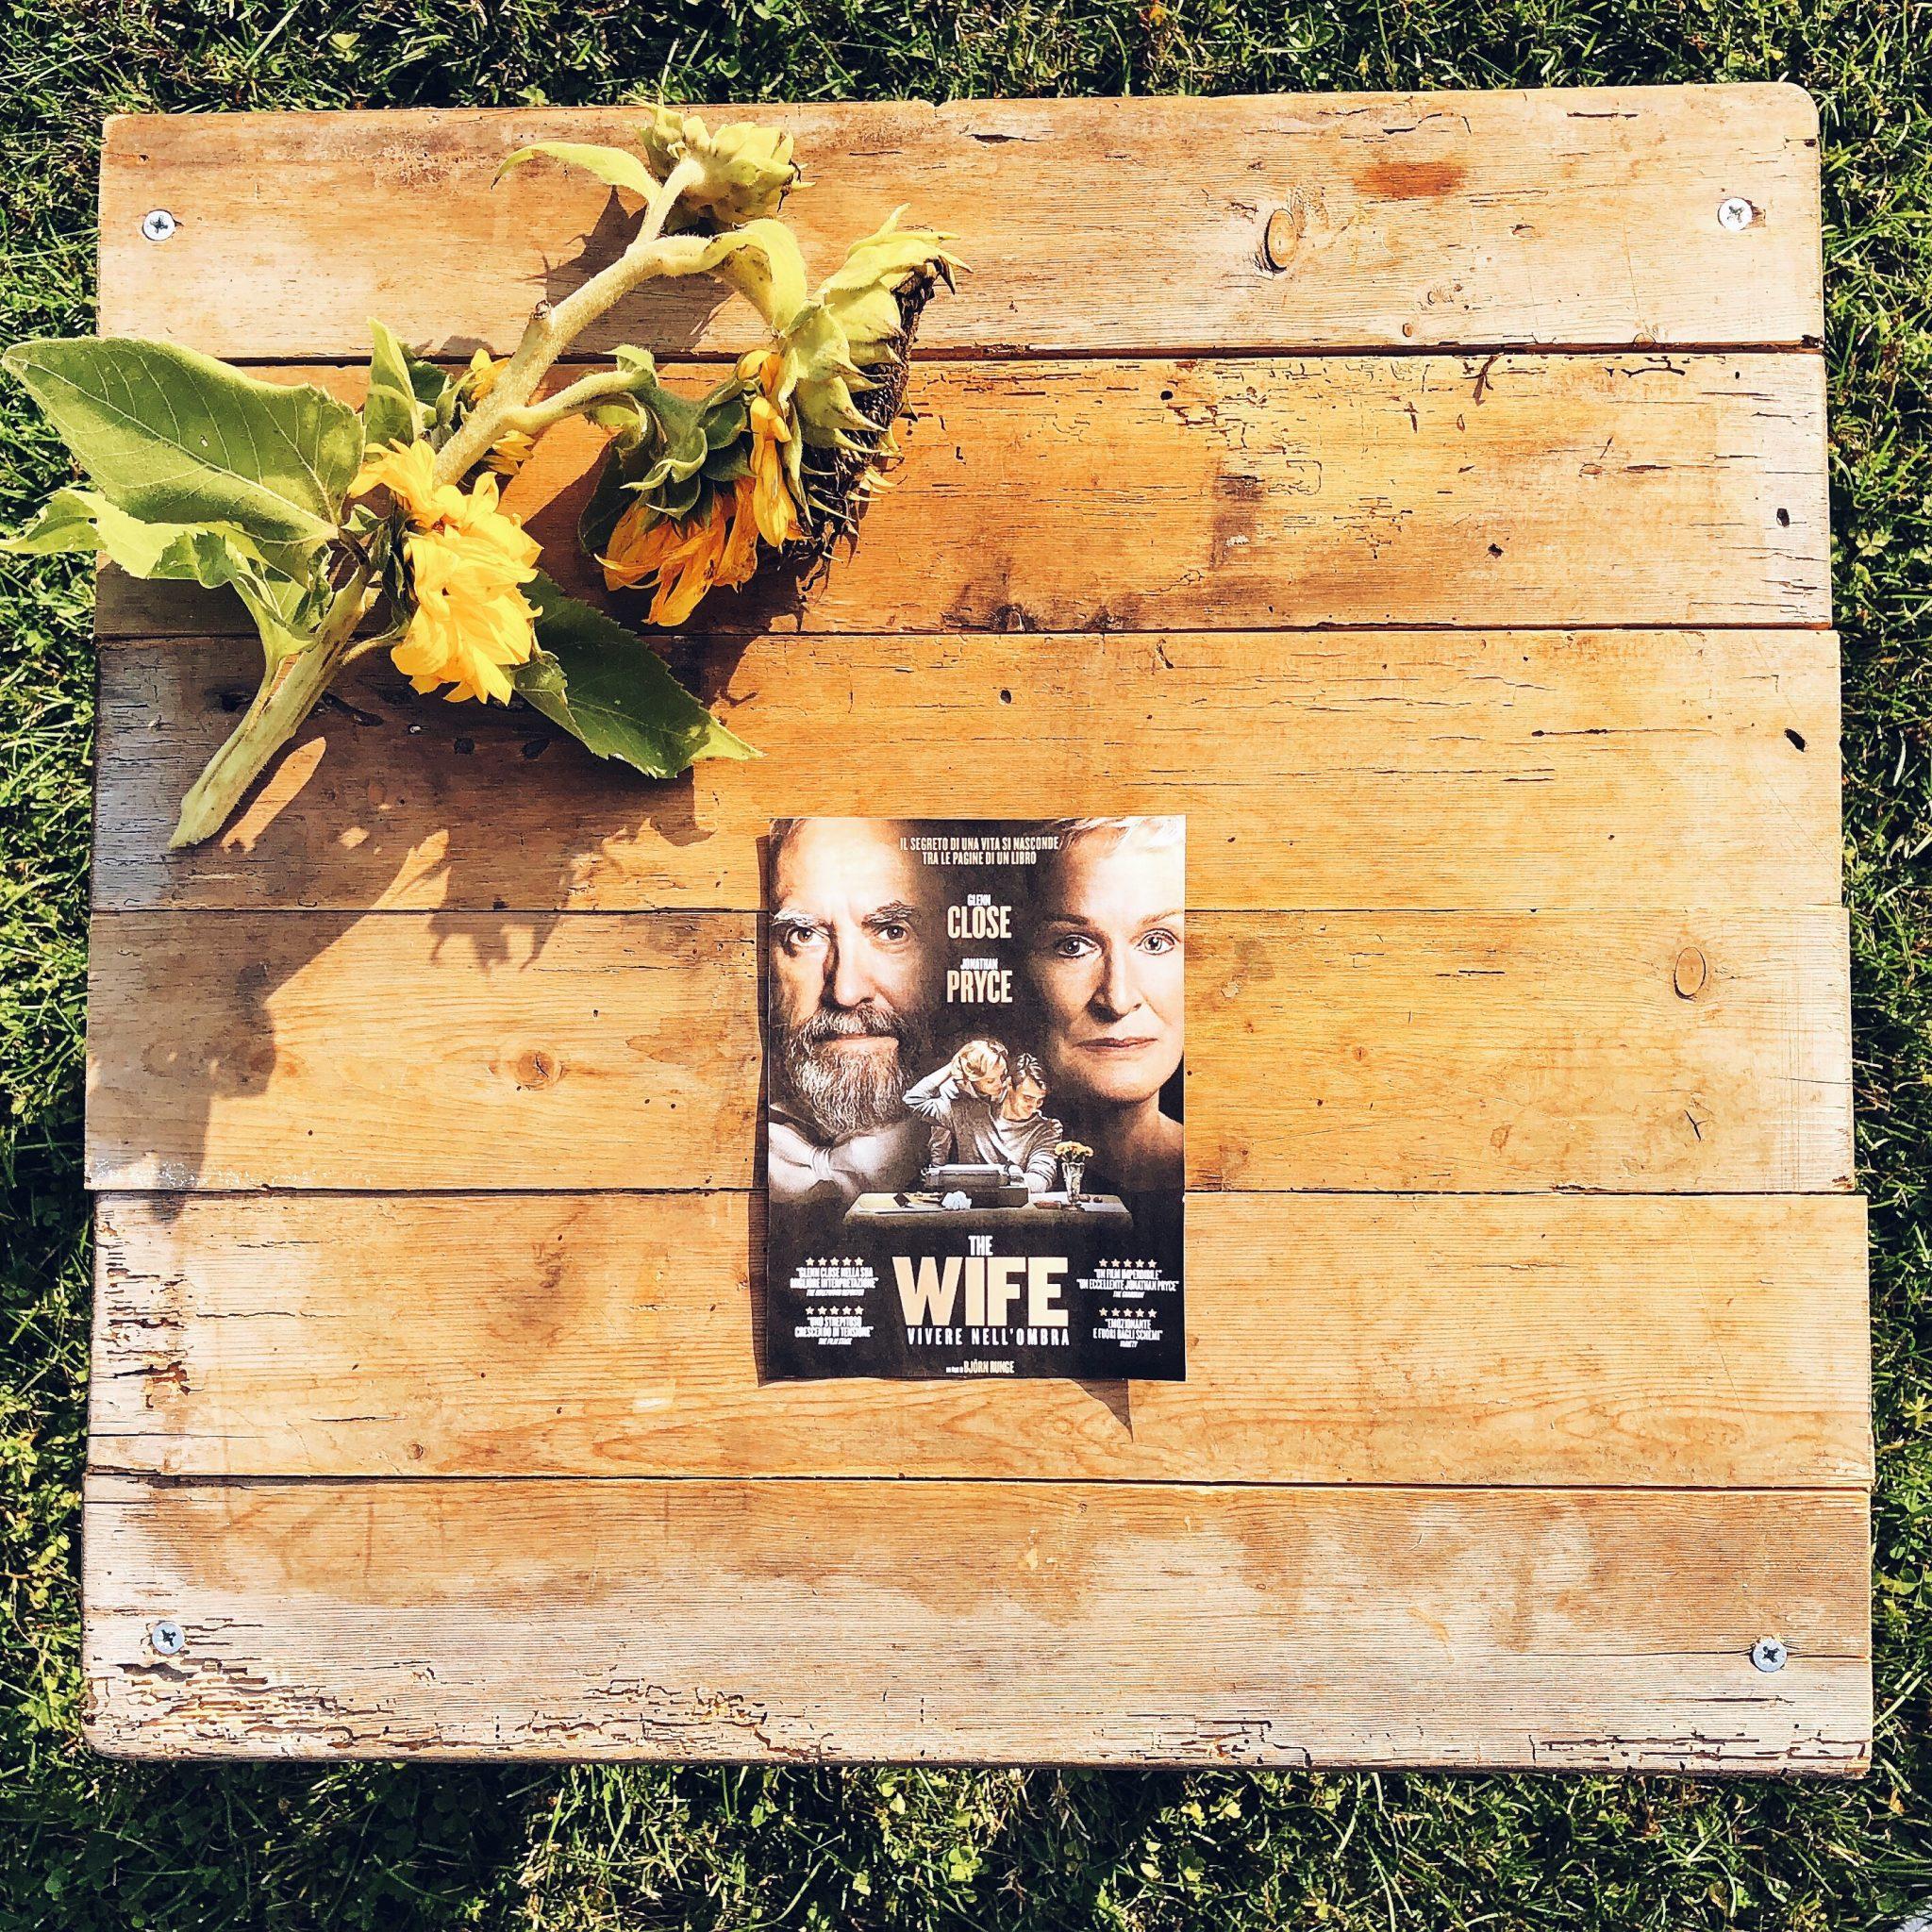 Locandina del film The Wife appoggiata su assi di legno - foto di tatianaberlaffa.com